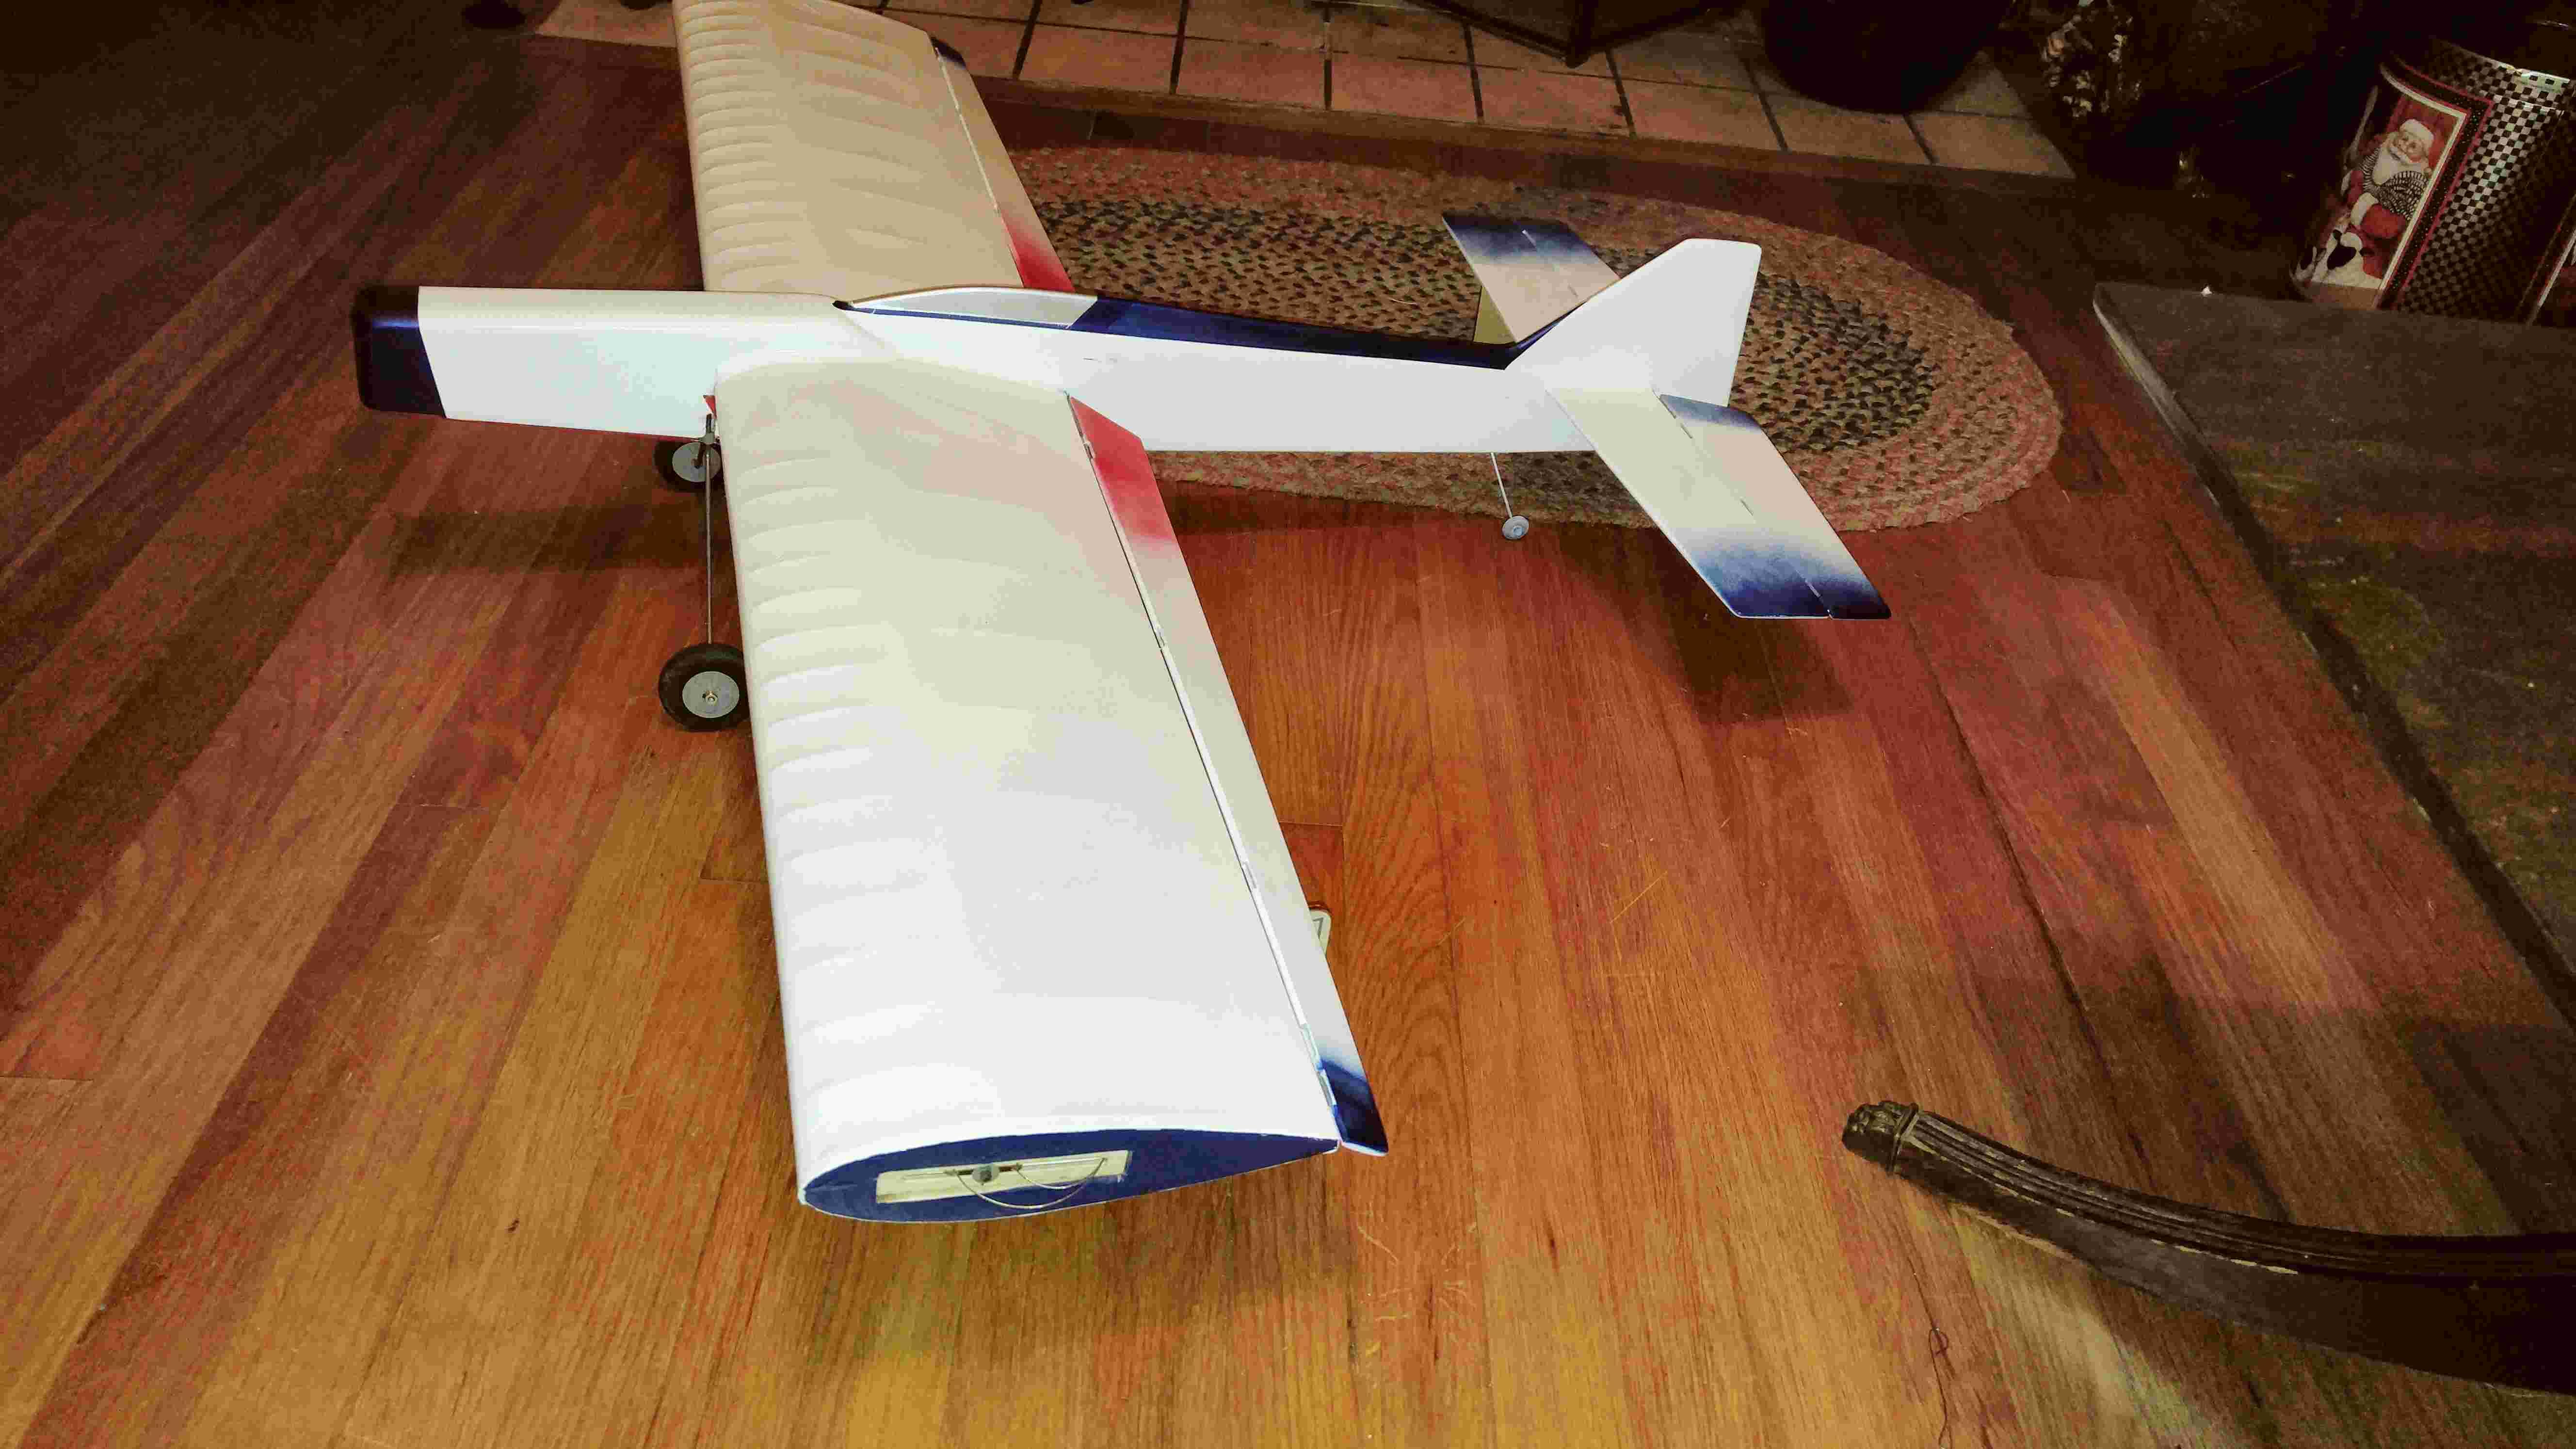 My Fancherized Twister build; 3 days til Huntersville - Page 9 07141611